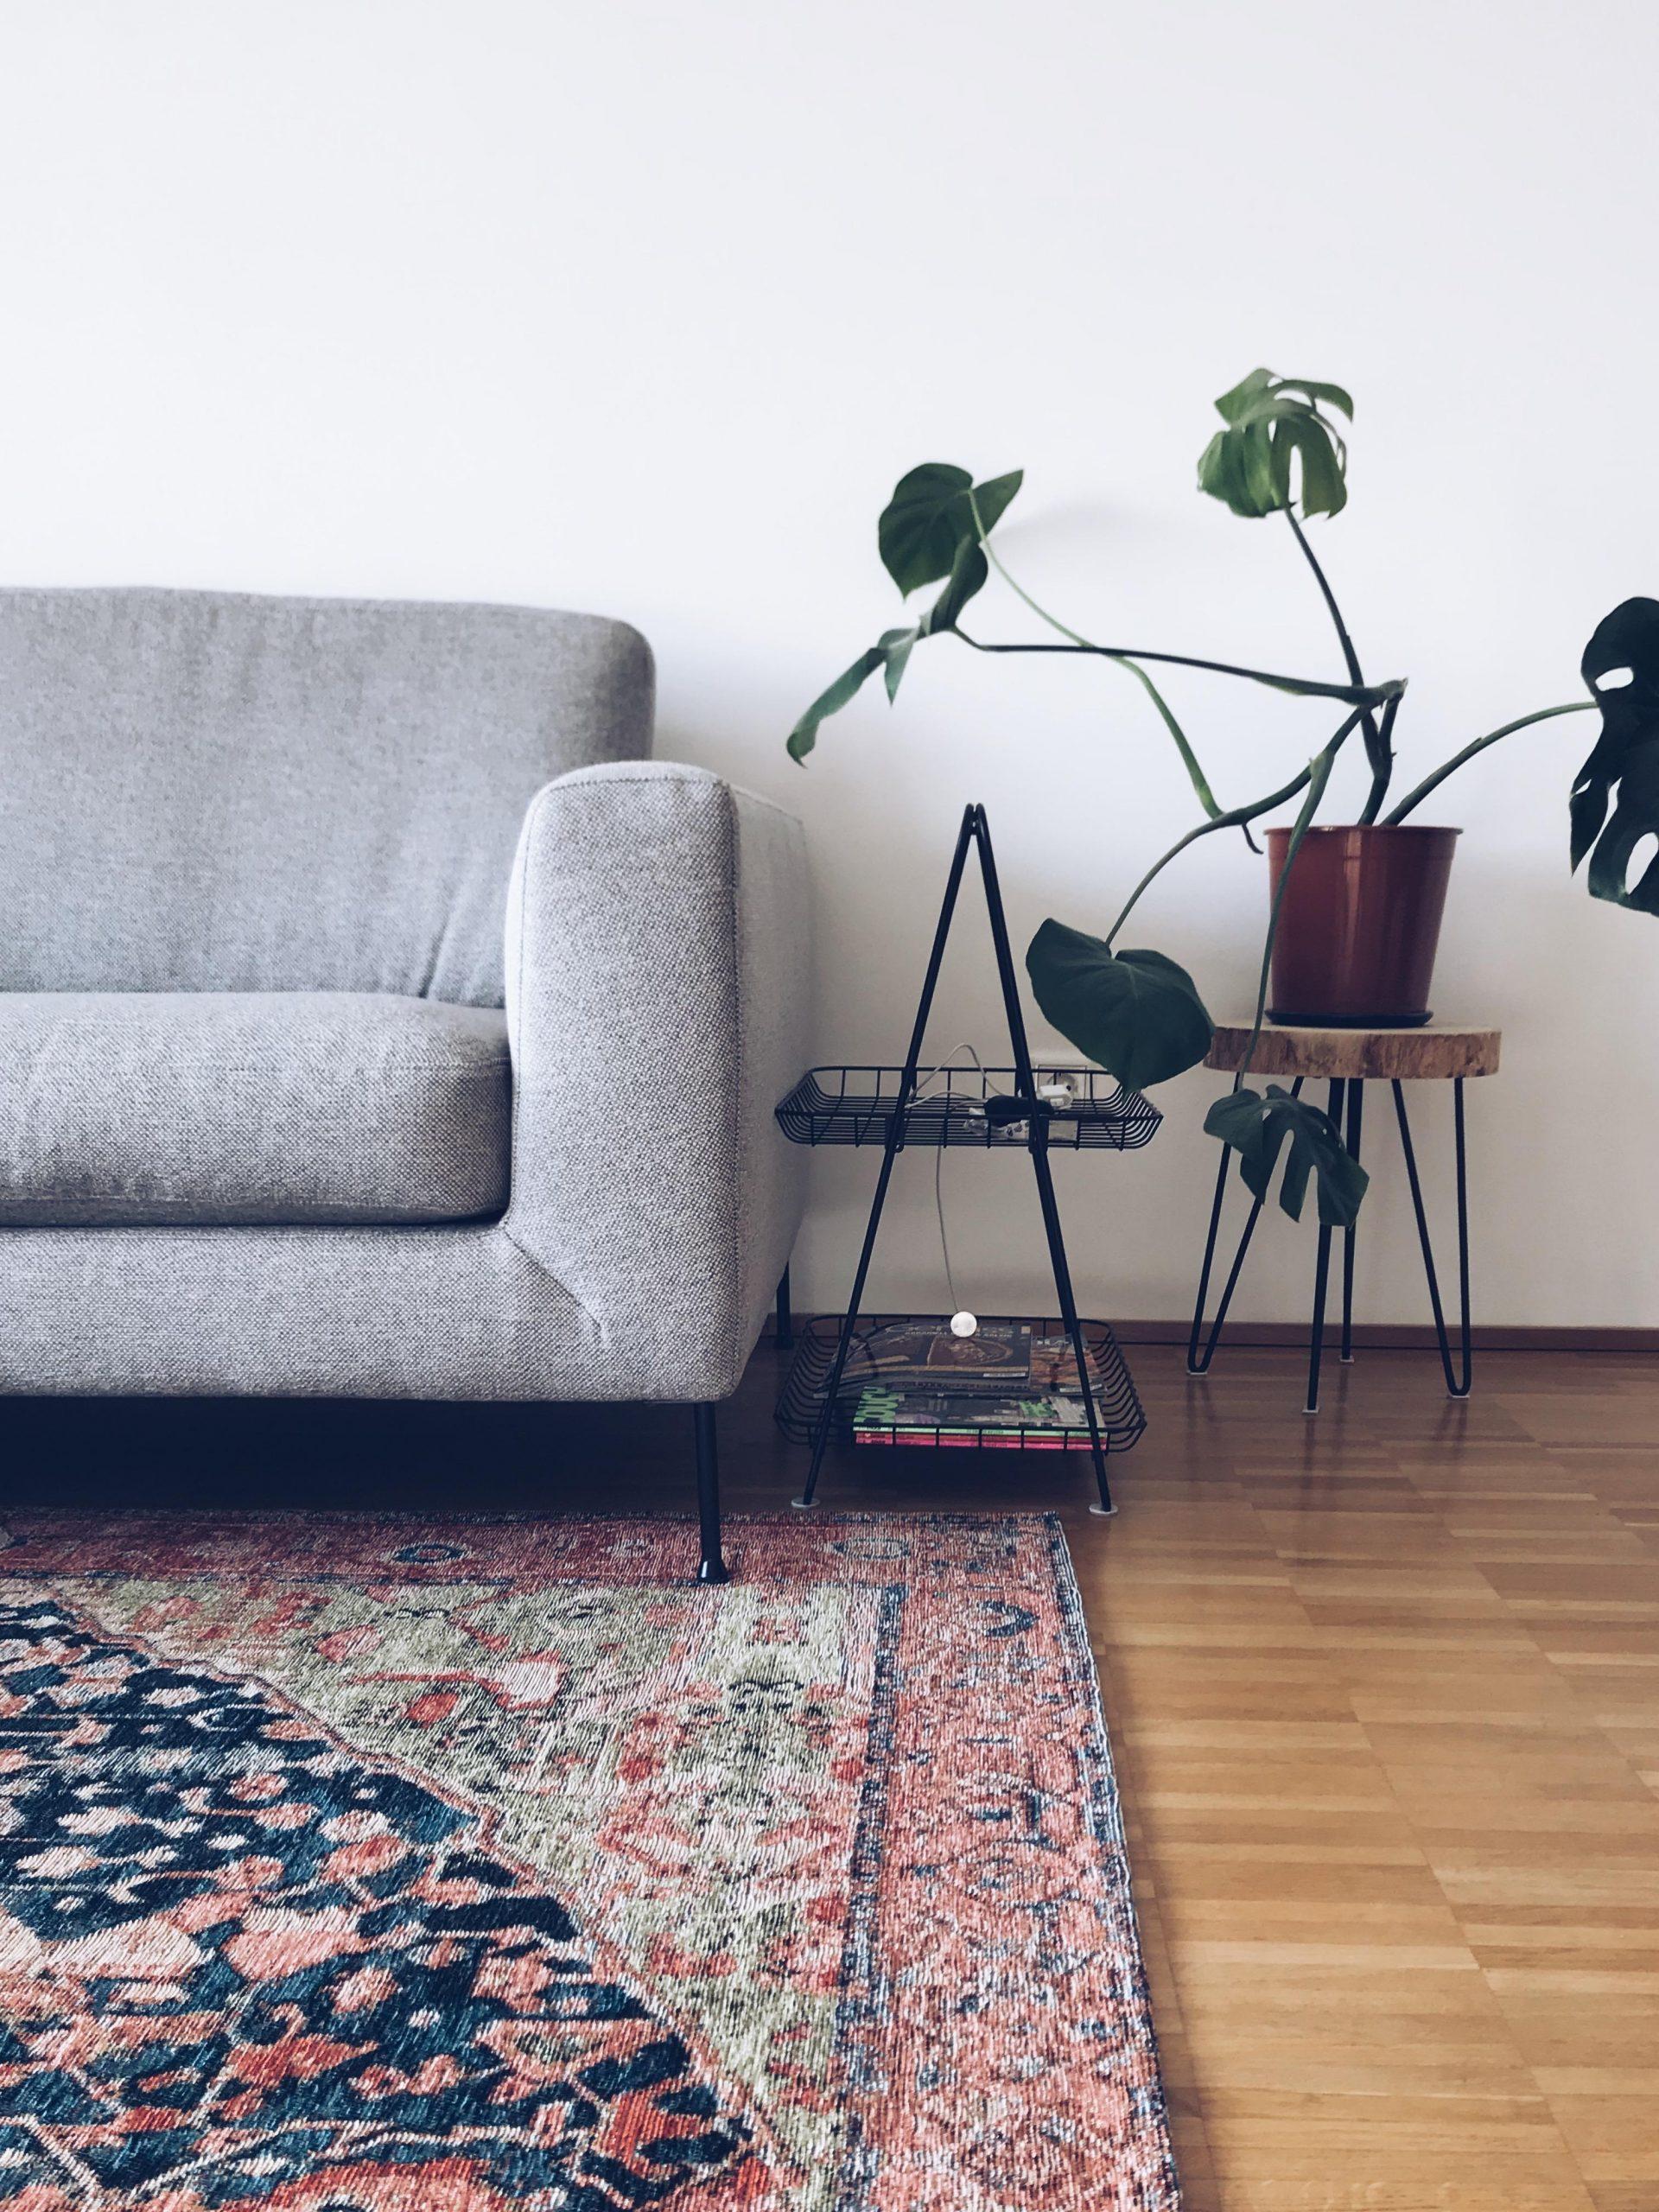 Full Size of Wohnzimmer Teppich Weich Wohnzimmer Mit Teppich Auslegen Wohnzimmer Teppich Wolle Teppich Für Wohnzimmer 300x400 Wohnzimmer Wohnzimmer Teppich